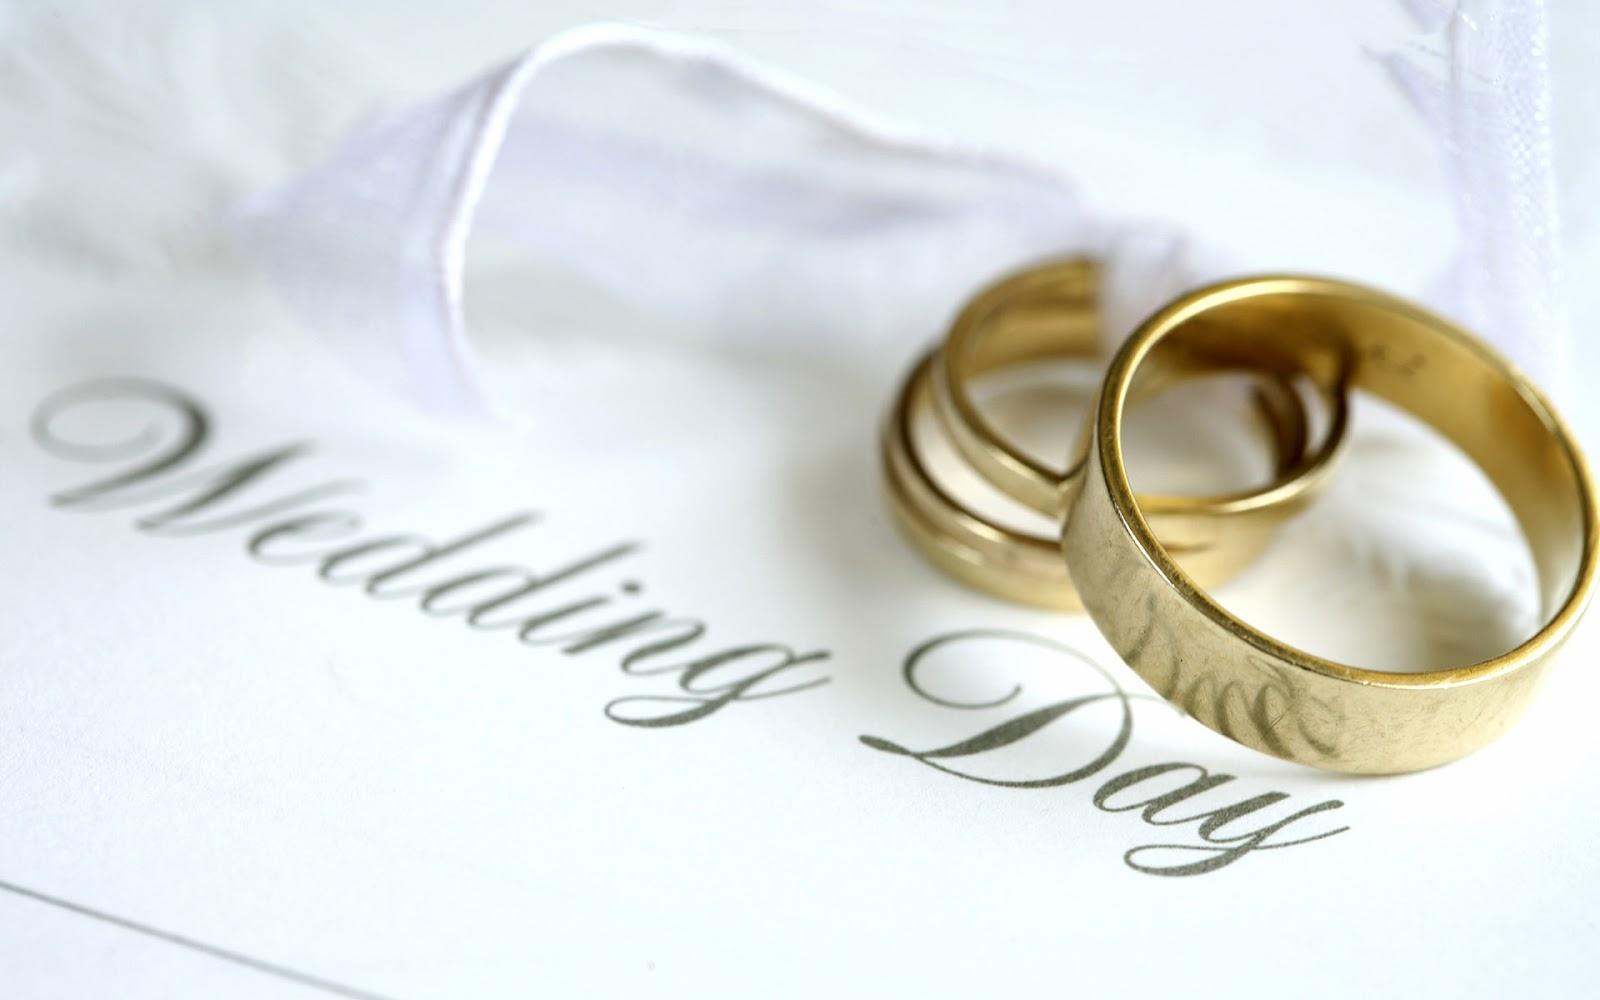 Takut Soal Pernikahan? Jangan-jangan Kamu Gak Punya Tuhan